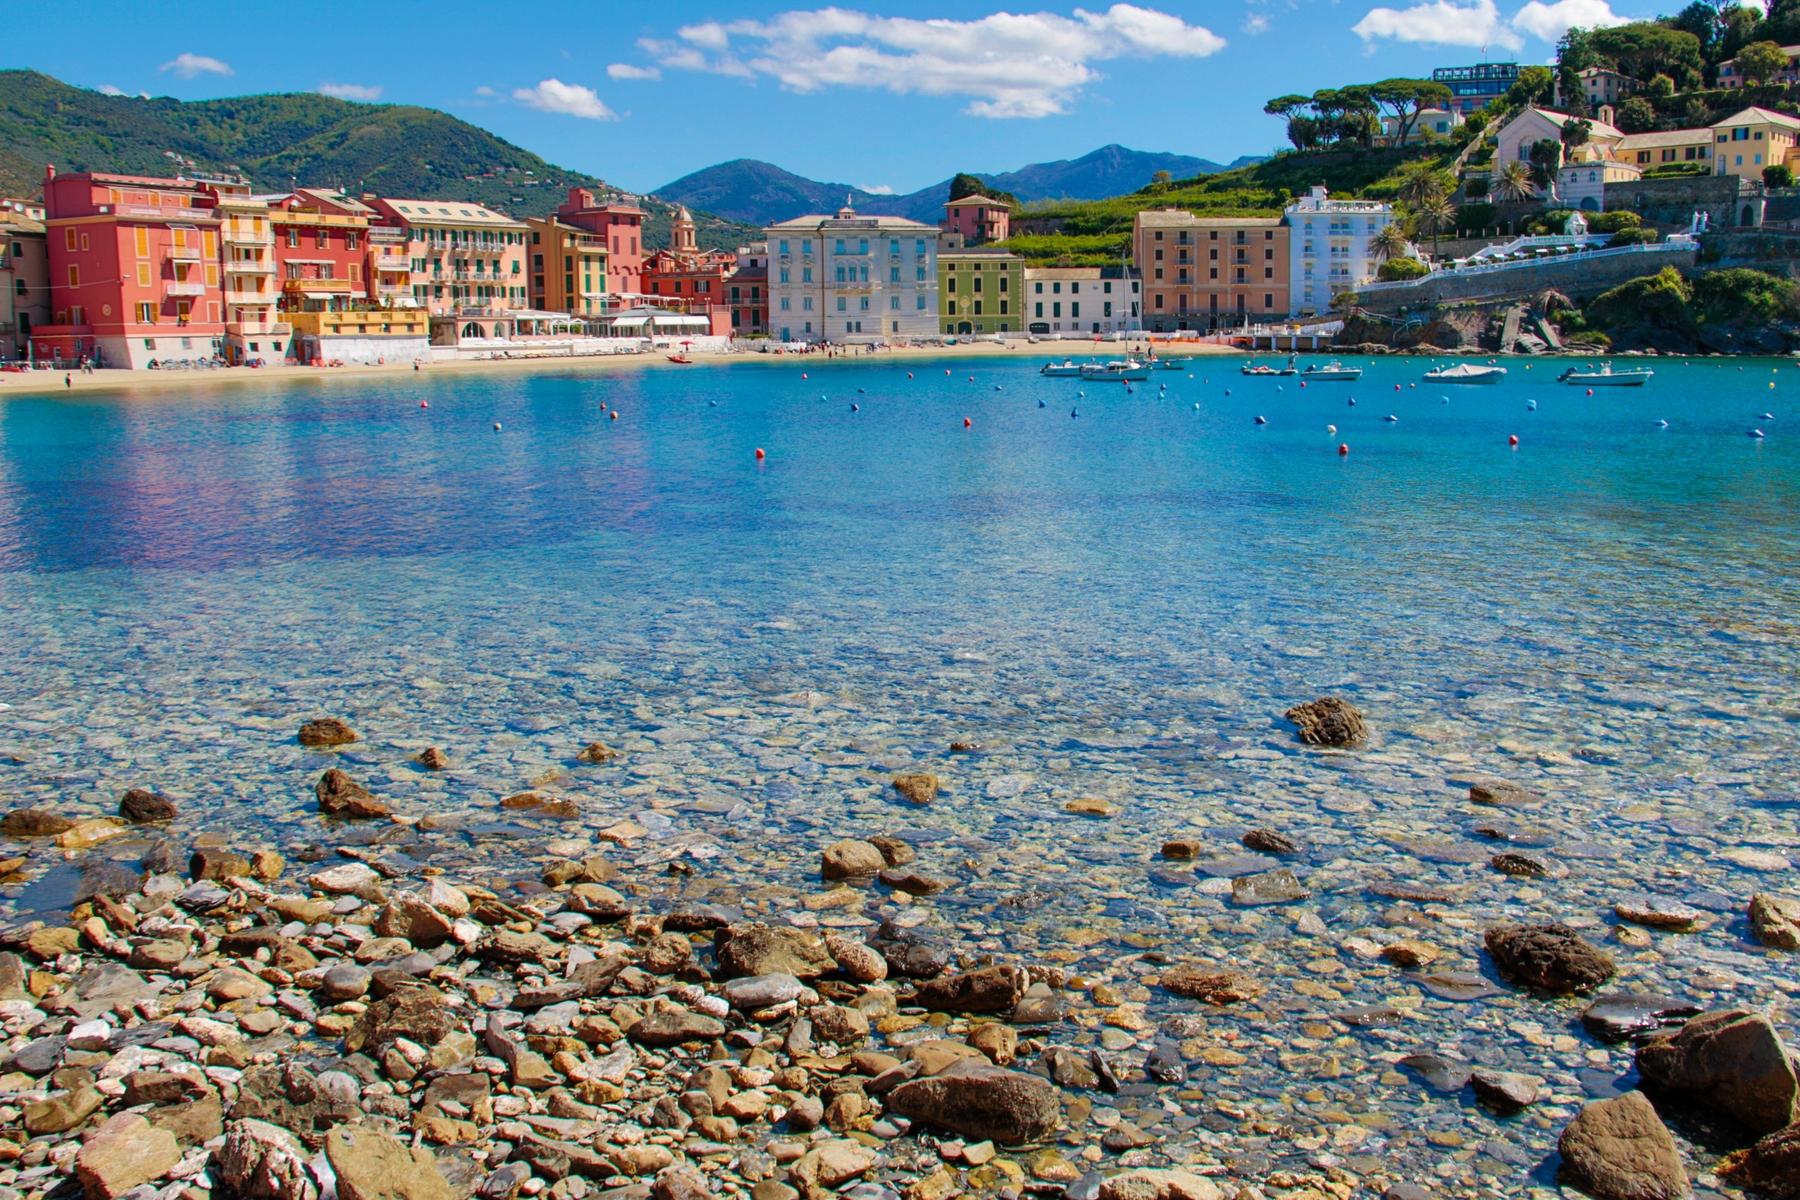 Spiagge più belle della Liguria- Baia del Silenzio (Sestri Levante)